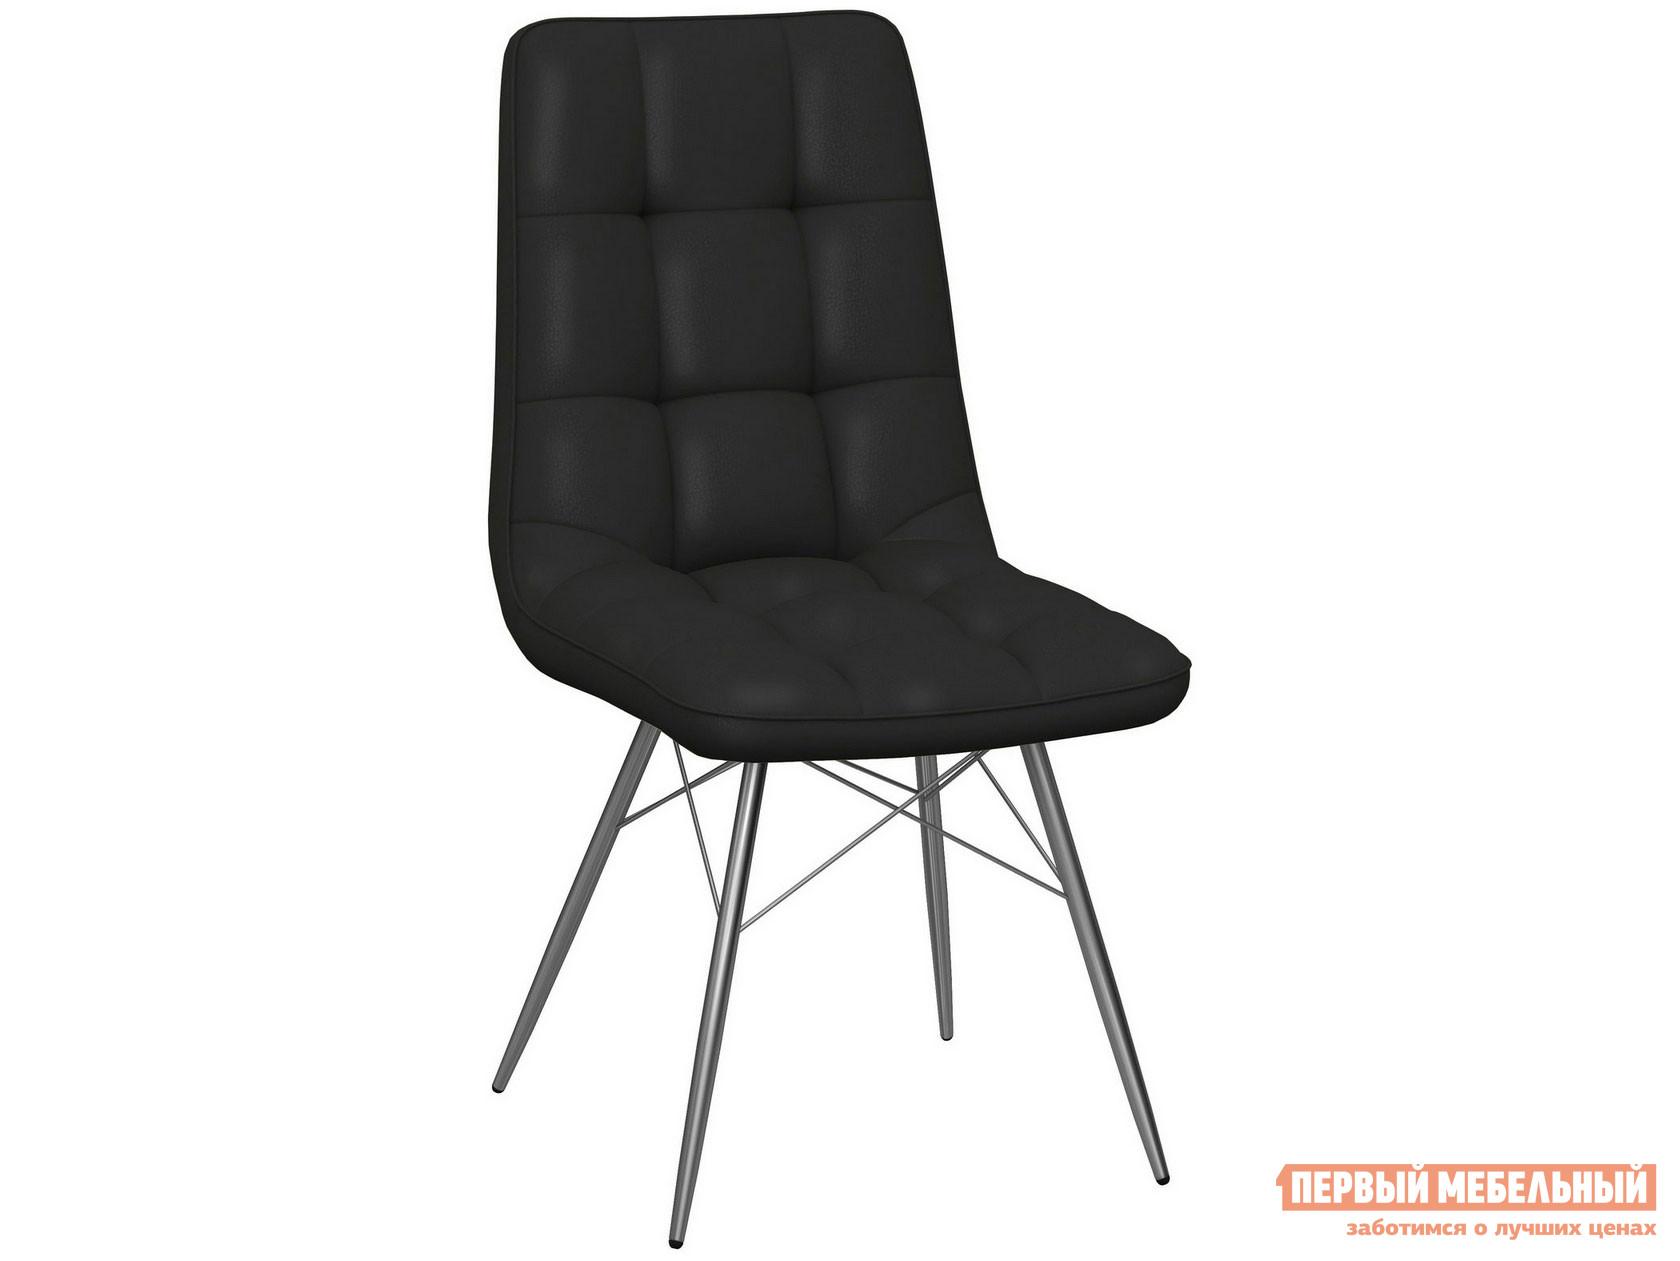 Стул  Стул Бордо паук Батлер 07 (Черный), иск. кожа / Каркас Нержавеющая сталь